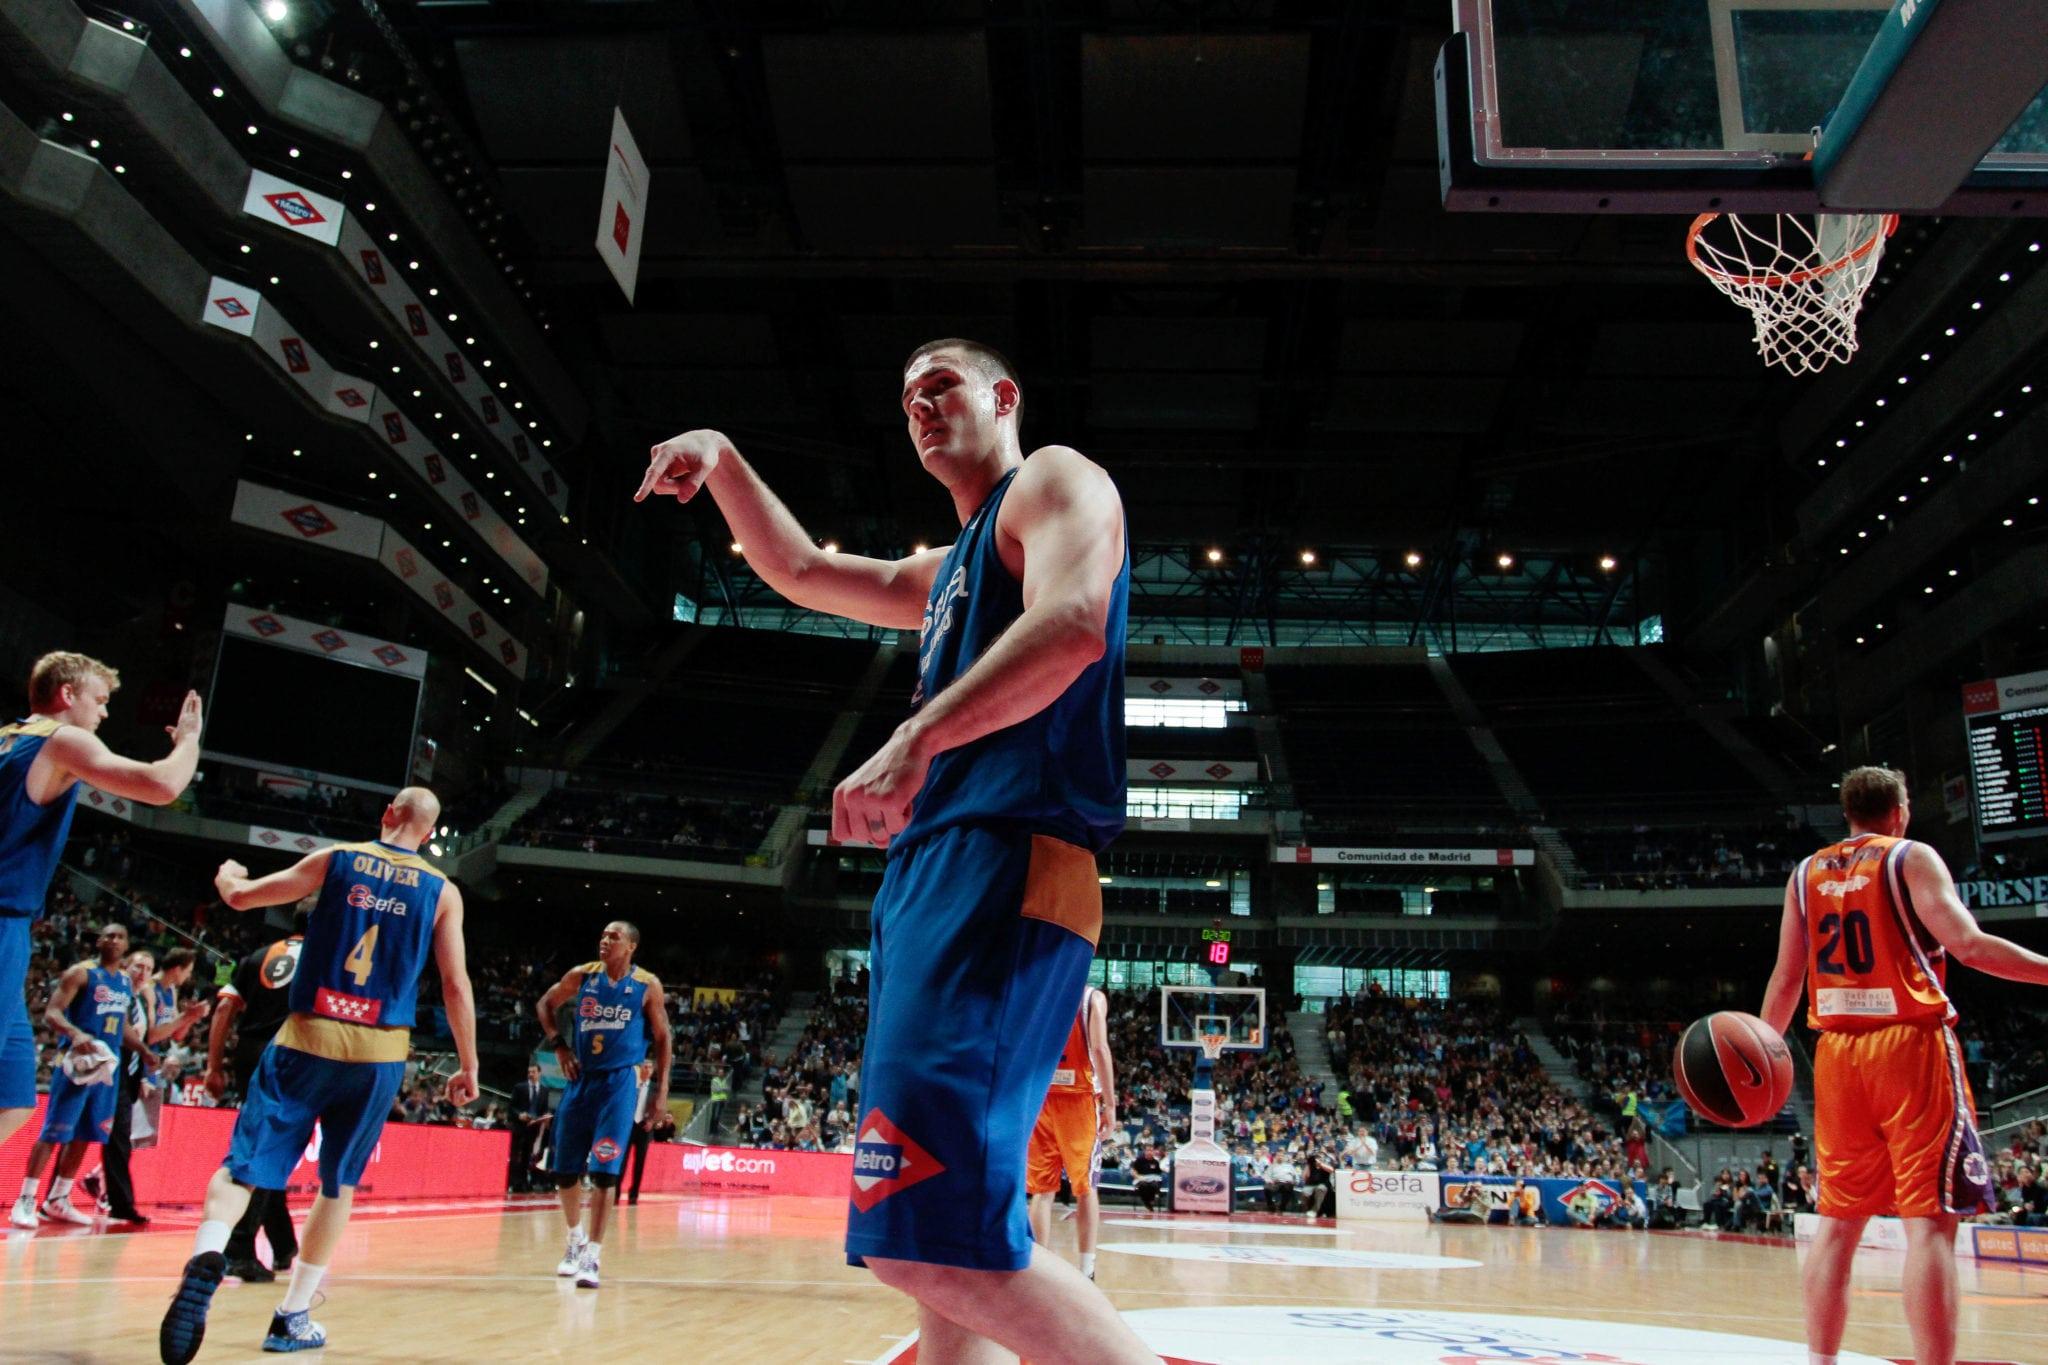 Asefa Estudiantes-Valencia Basket (Domingo 9 Octubre, 18:00)